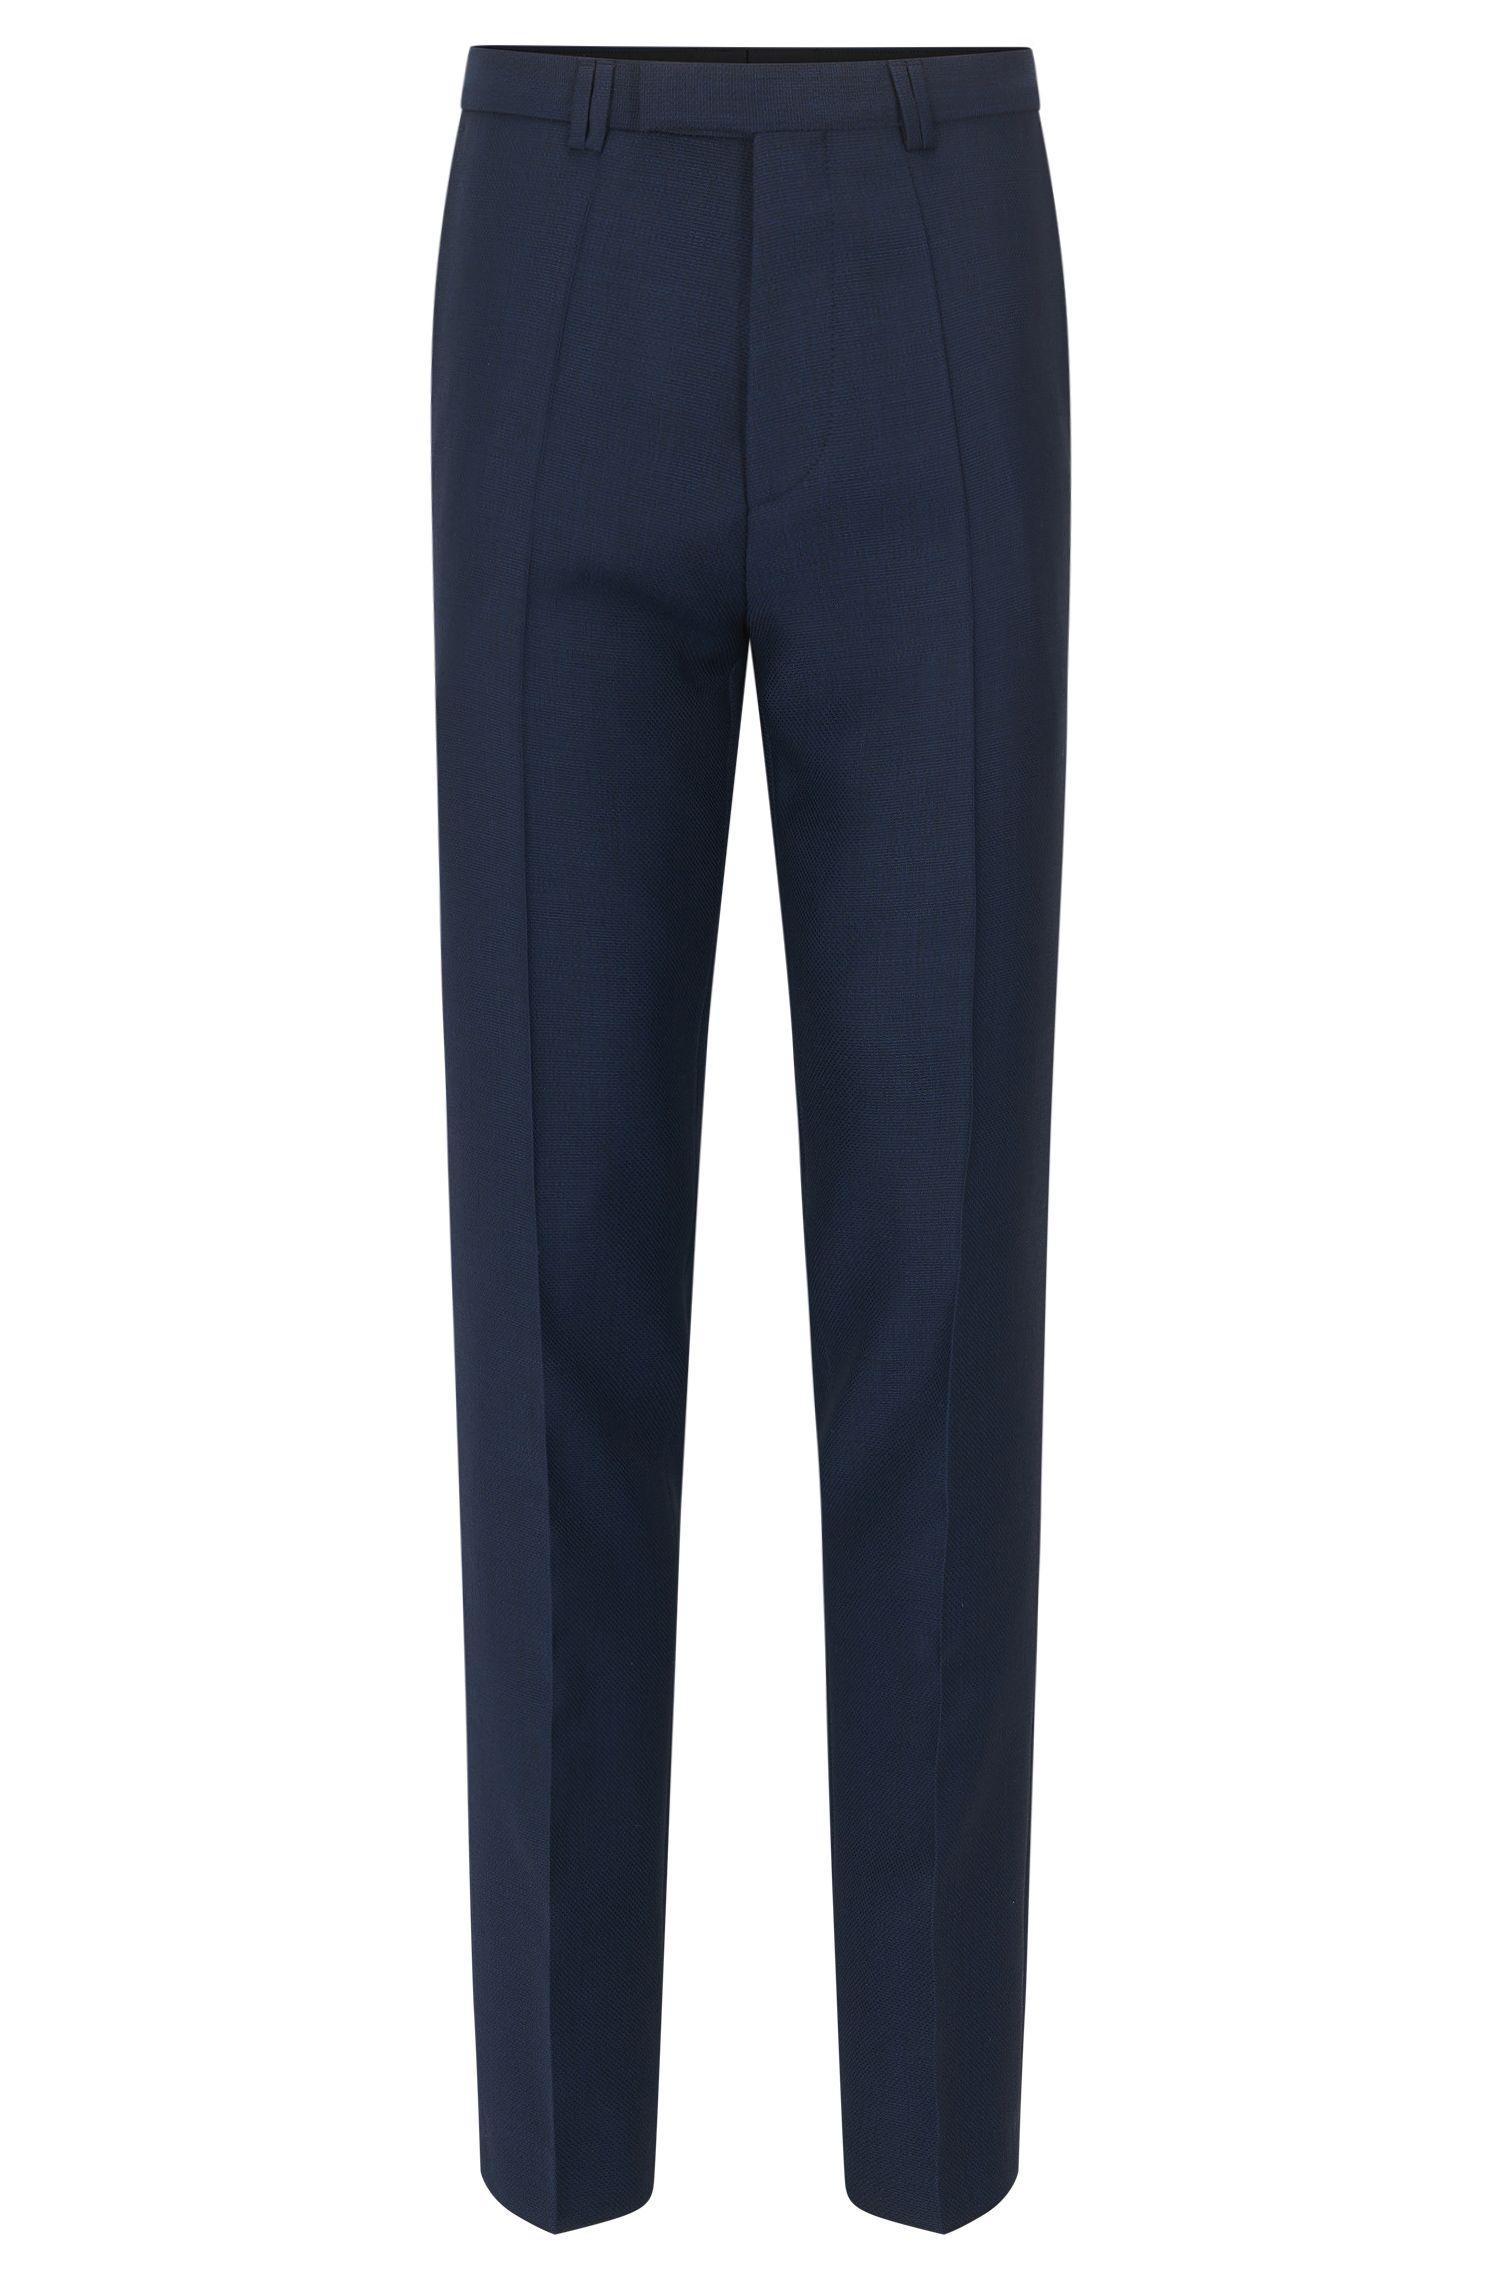 Pantalón extra slim fit en lana virgen con microestampado